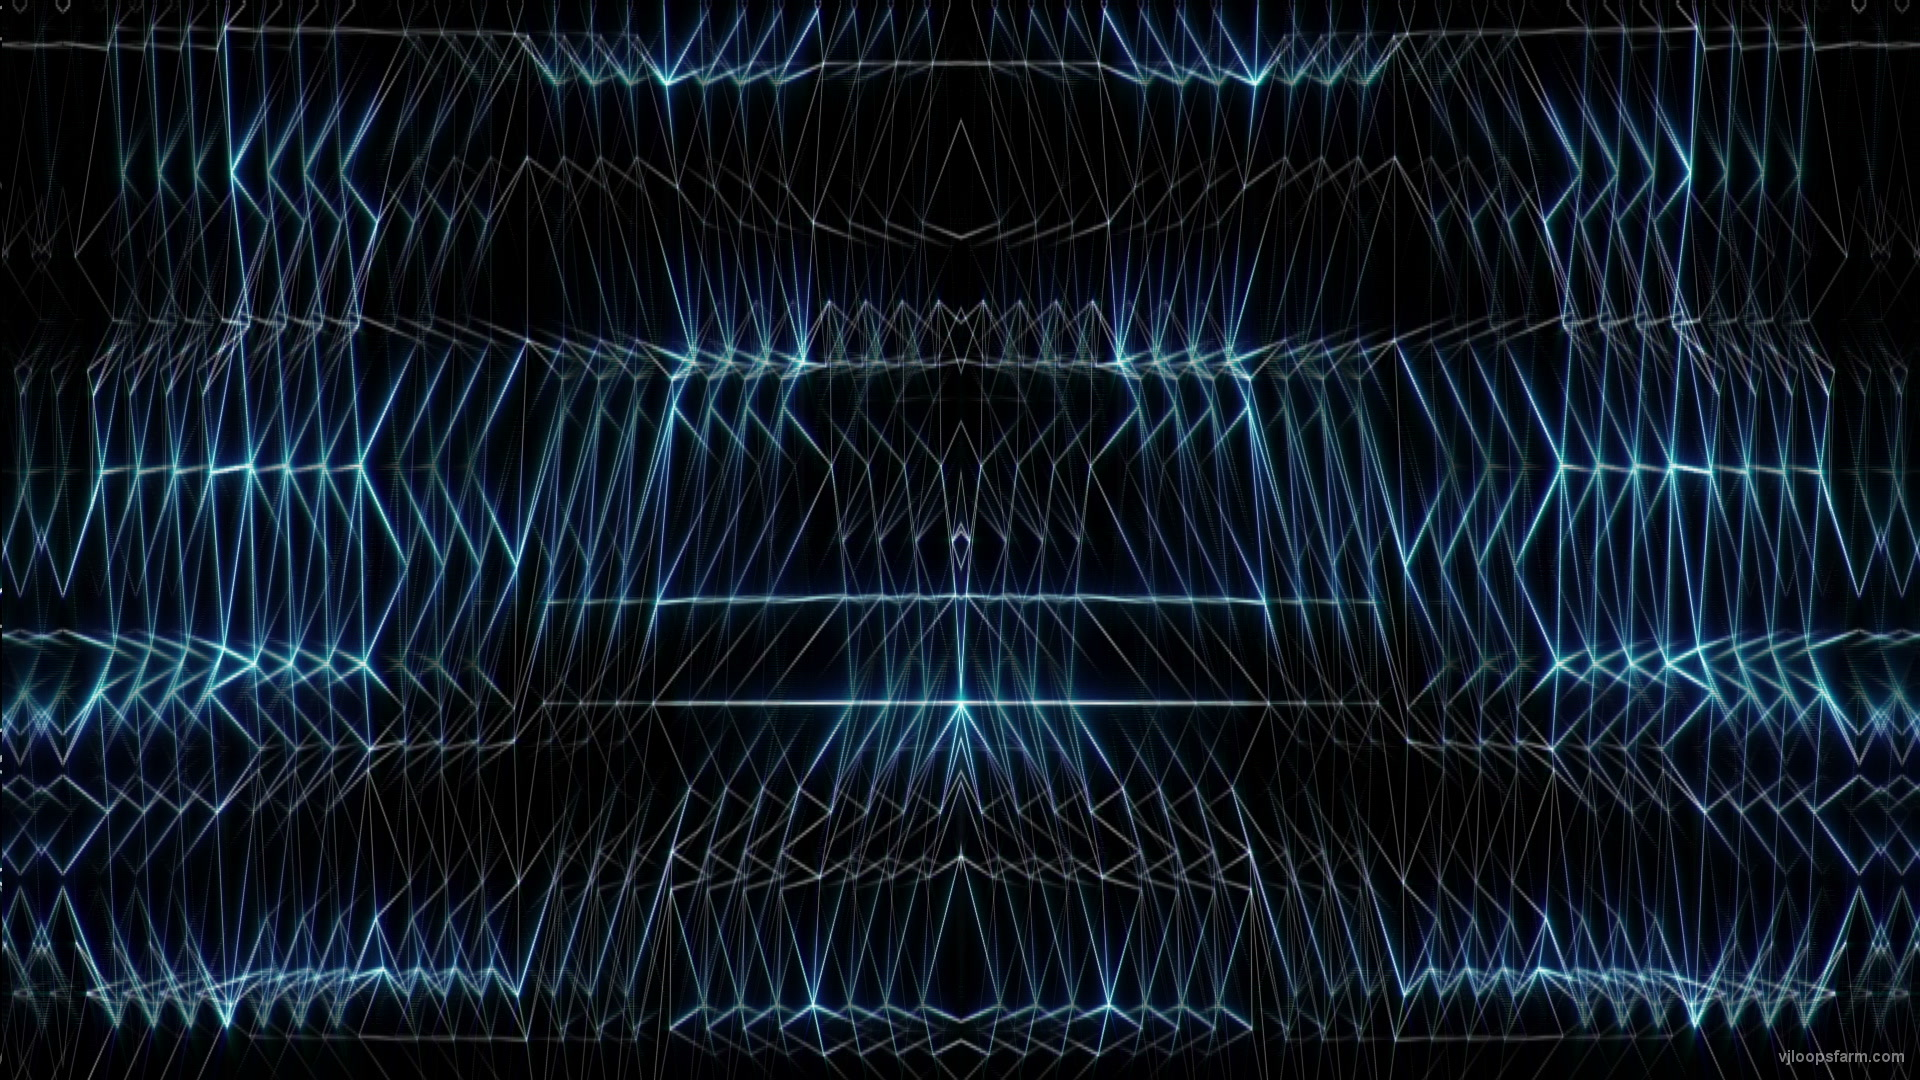 vj video background Fluctuating-blue-motion-laser-lines-effect-on-Circle-black-motion-background-VJ-Loop-3_003